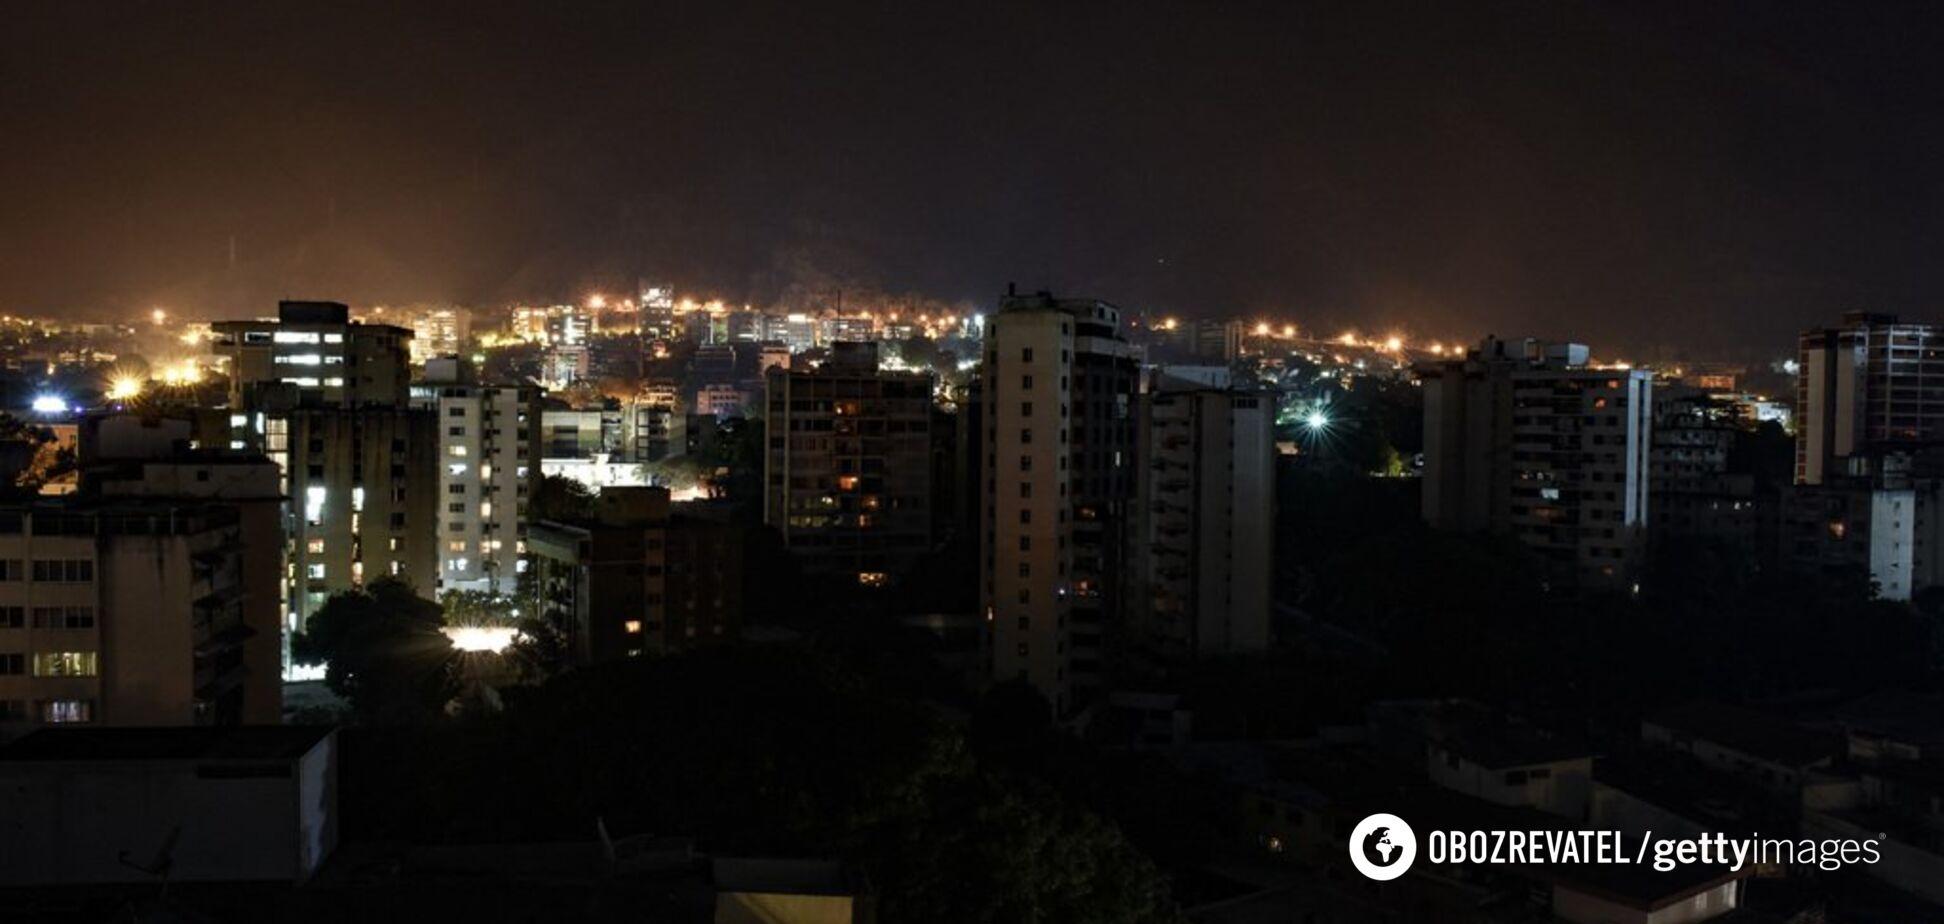 Венесуэла объявила чрезвычайное положение: что произошло